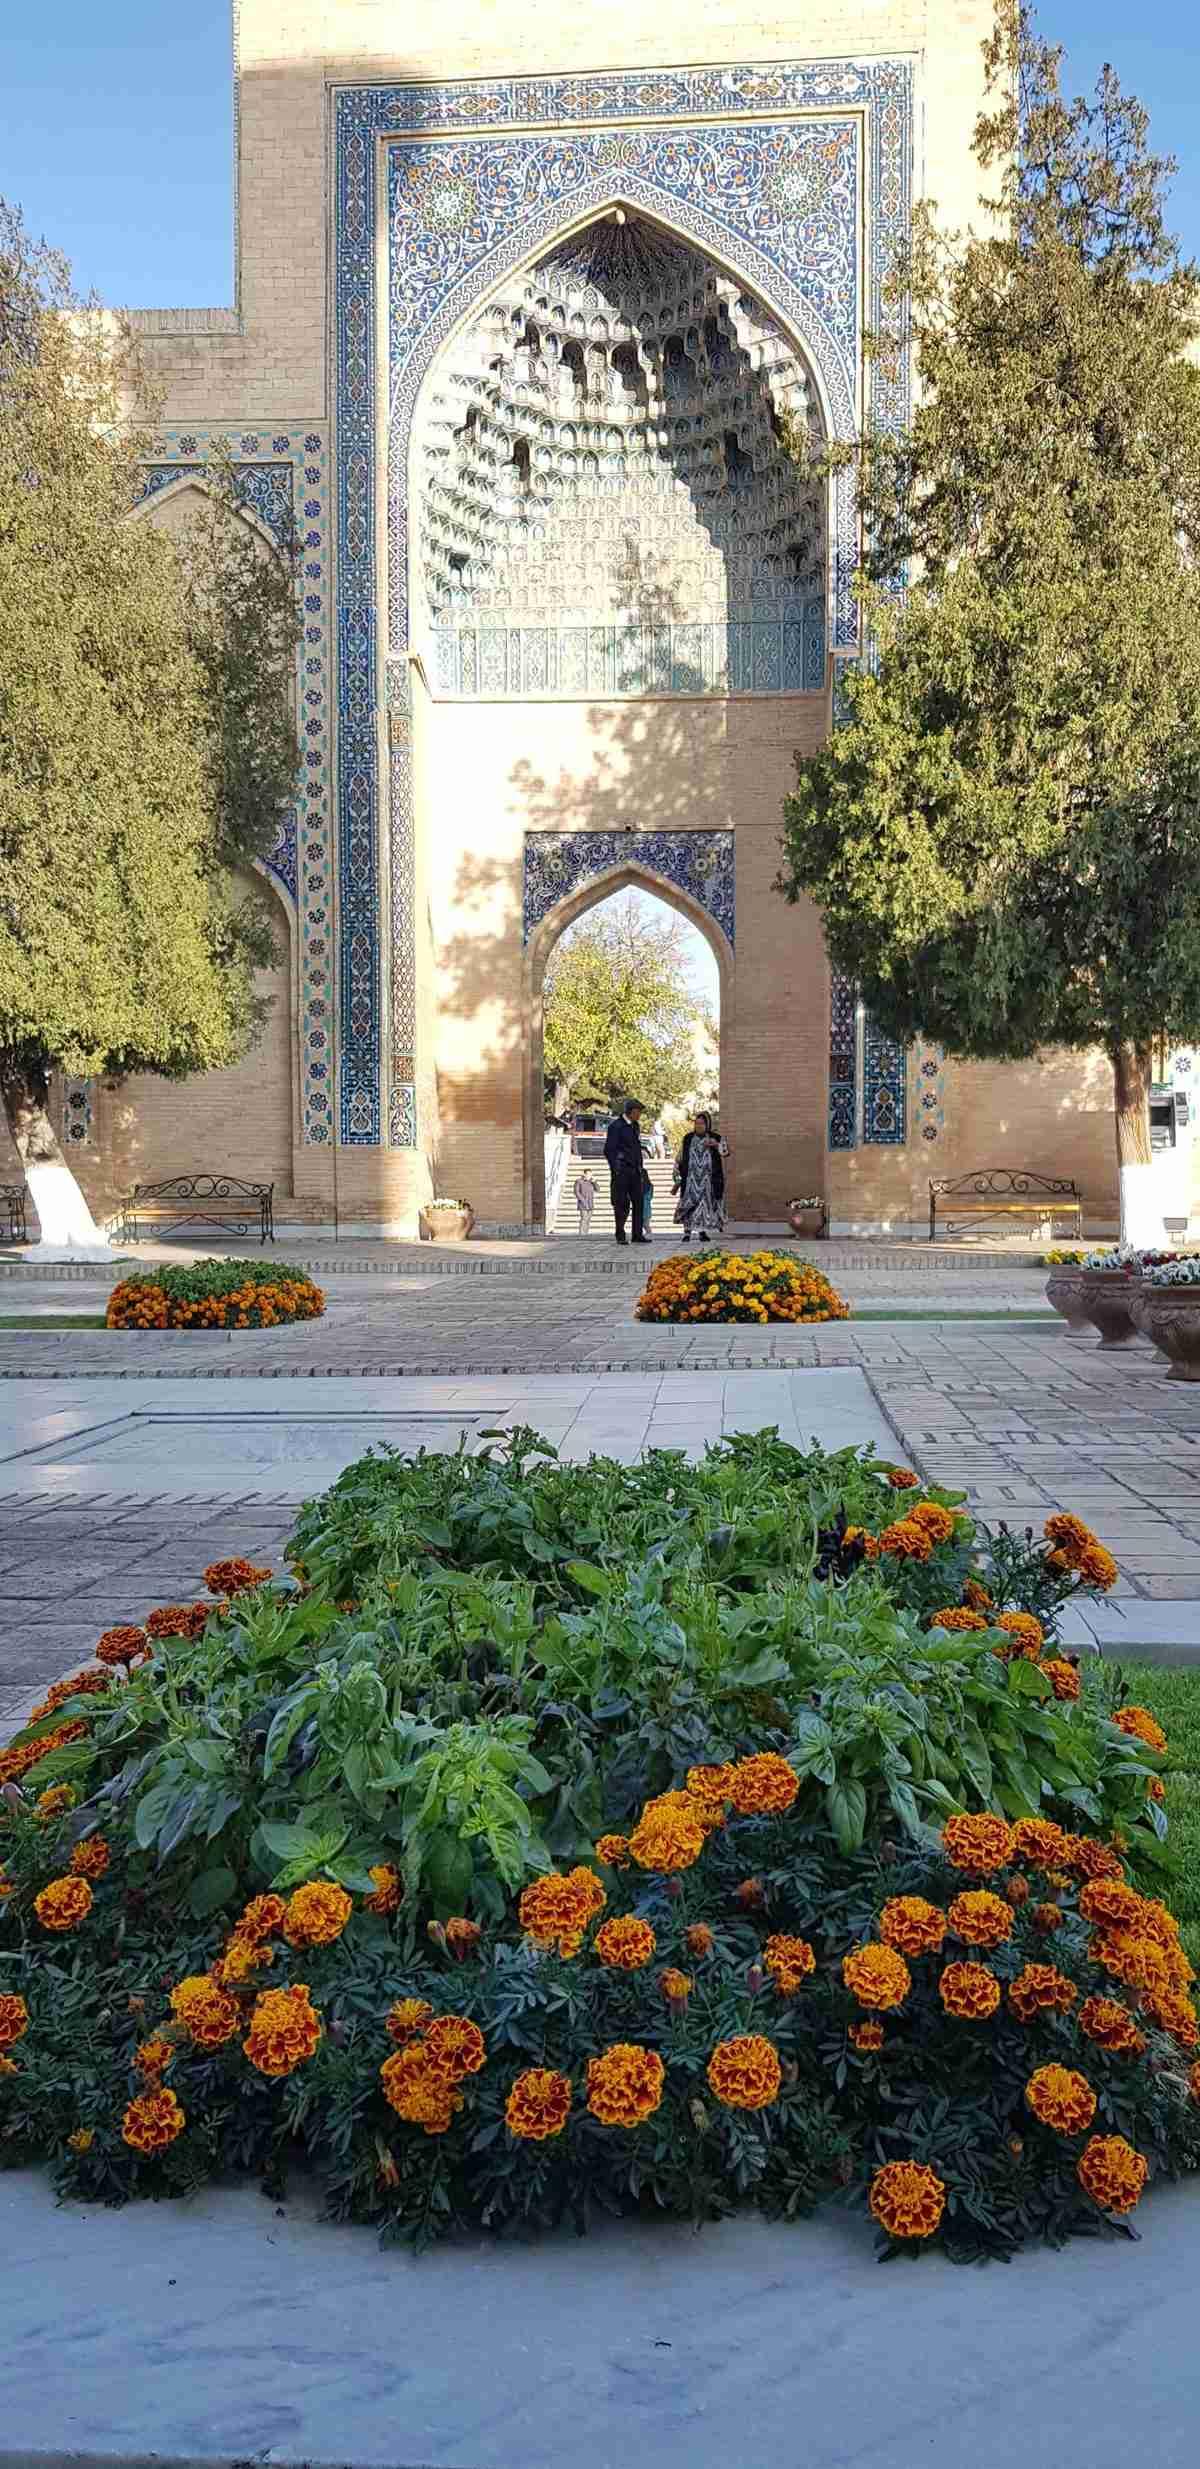 Samarcanda, la joya más preciada de Asia Central 101